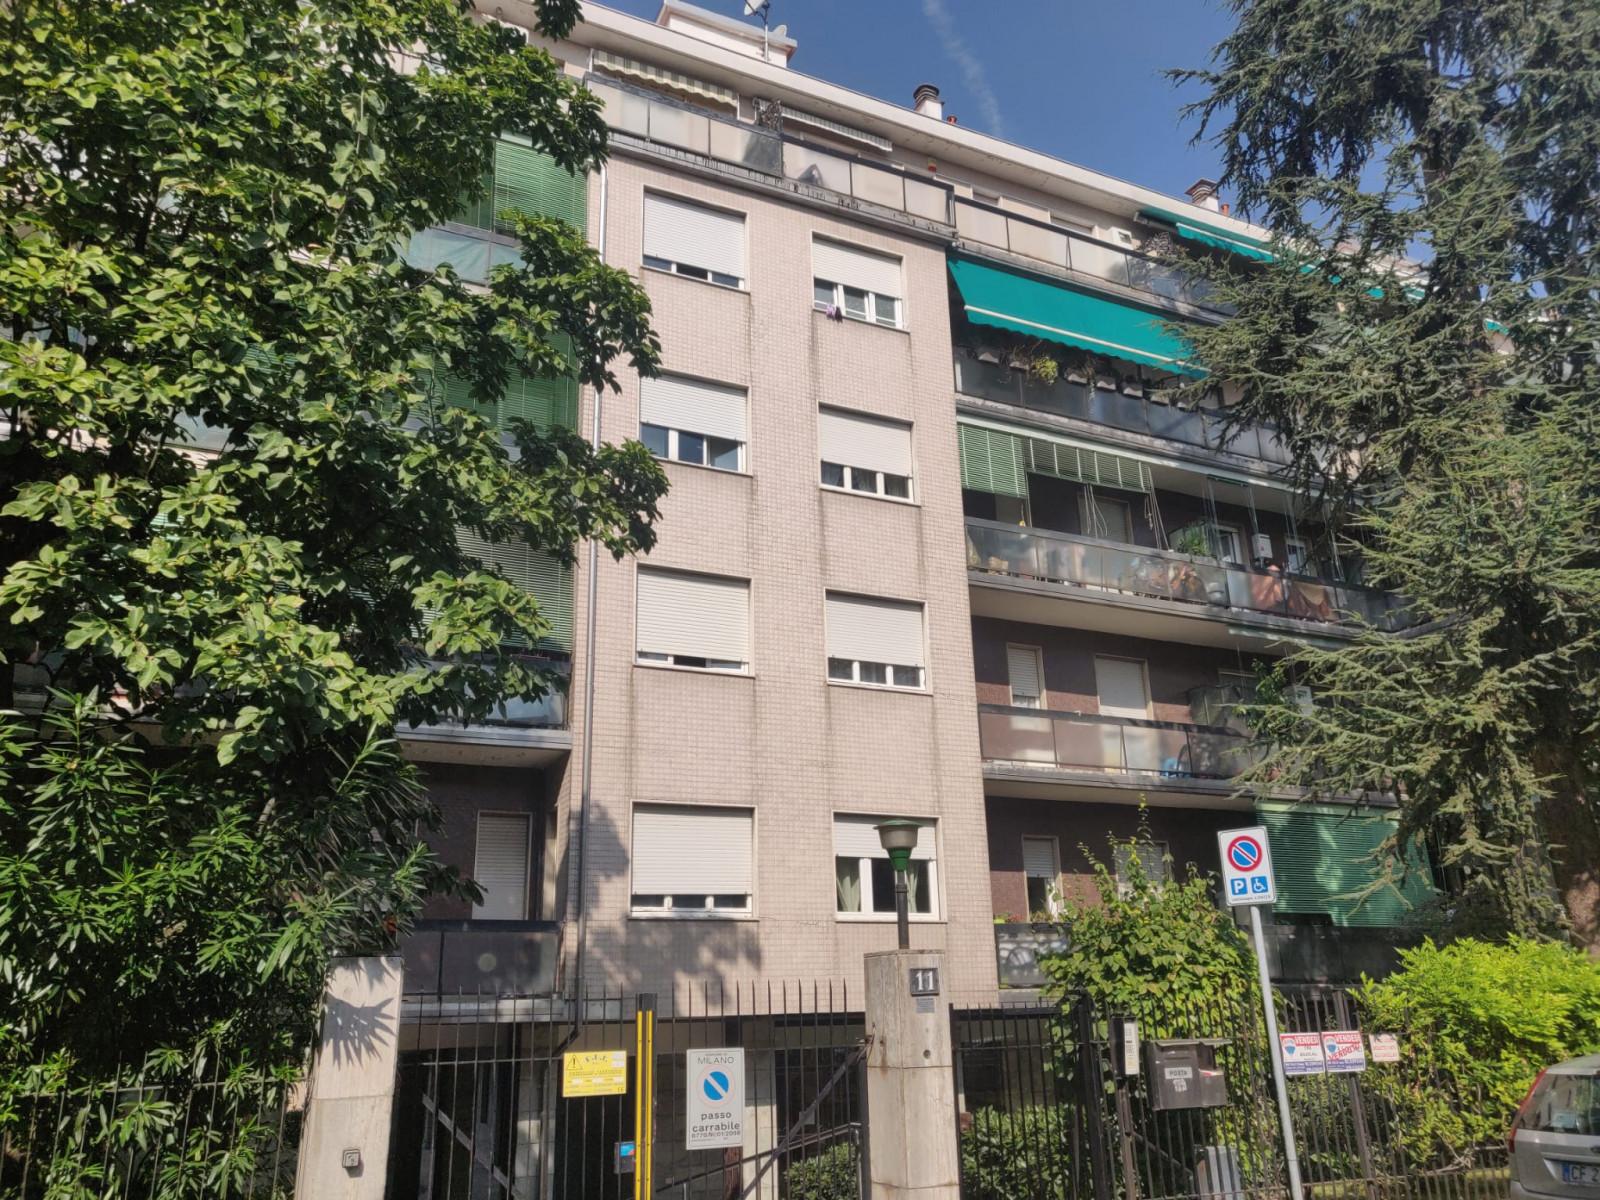 appartamento-in-vendita-baggio-milano-2-locali-spaziourbano-immobiliare-vende-1